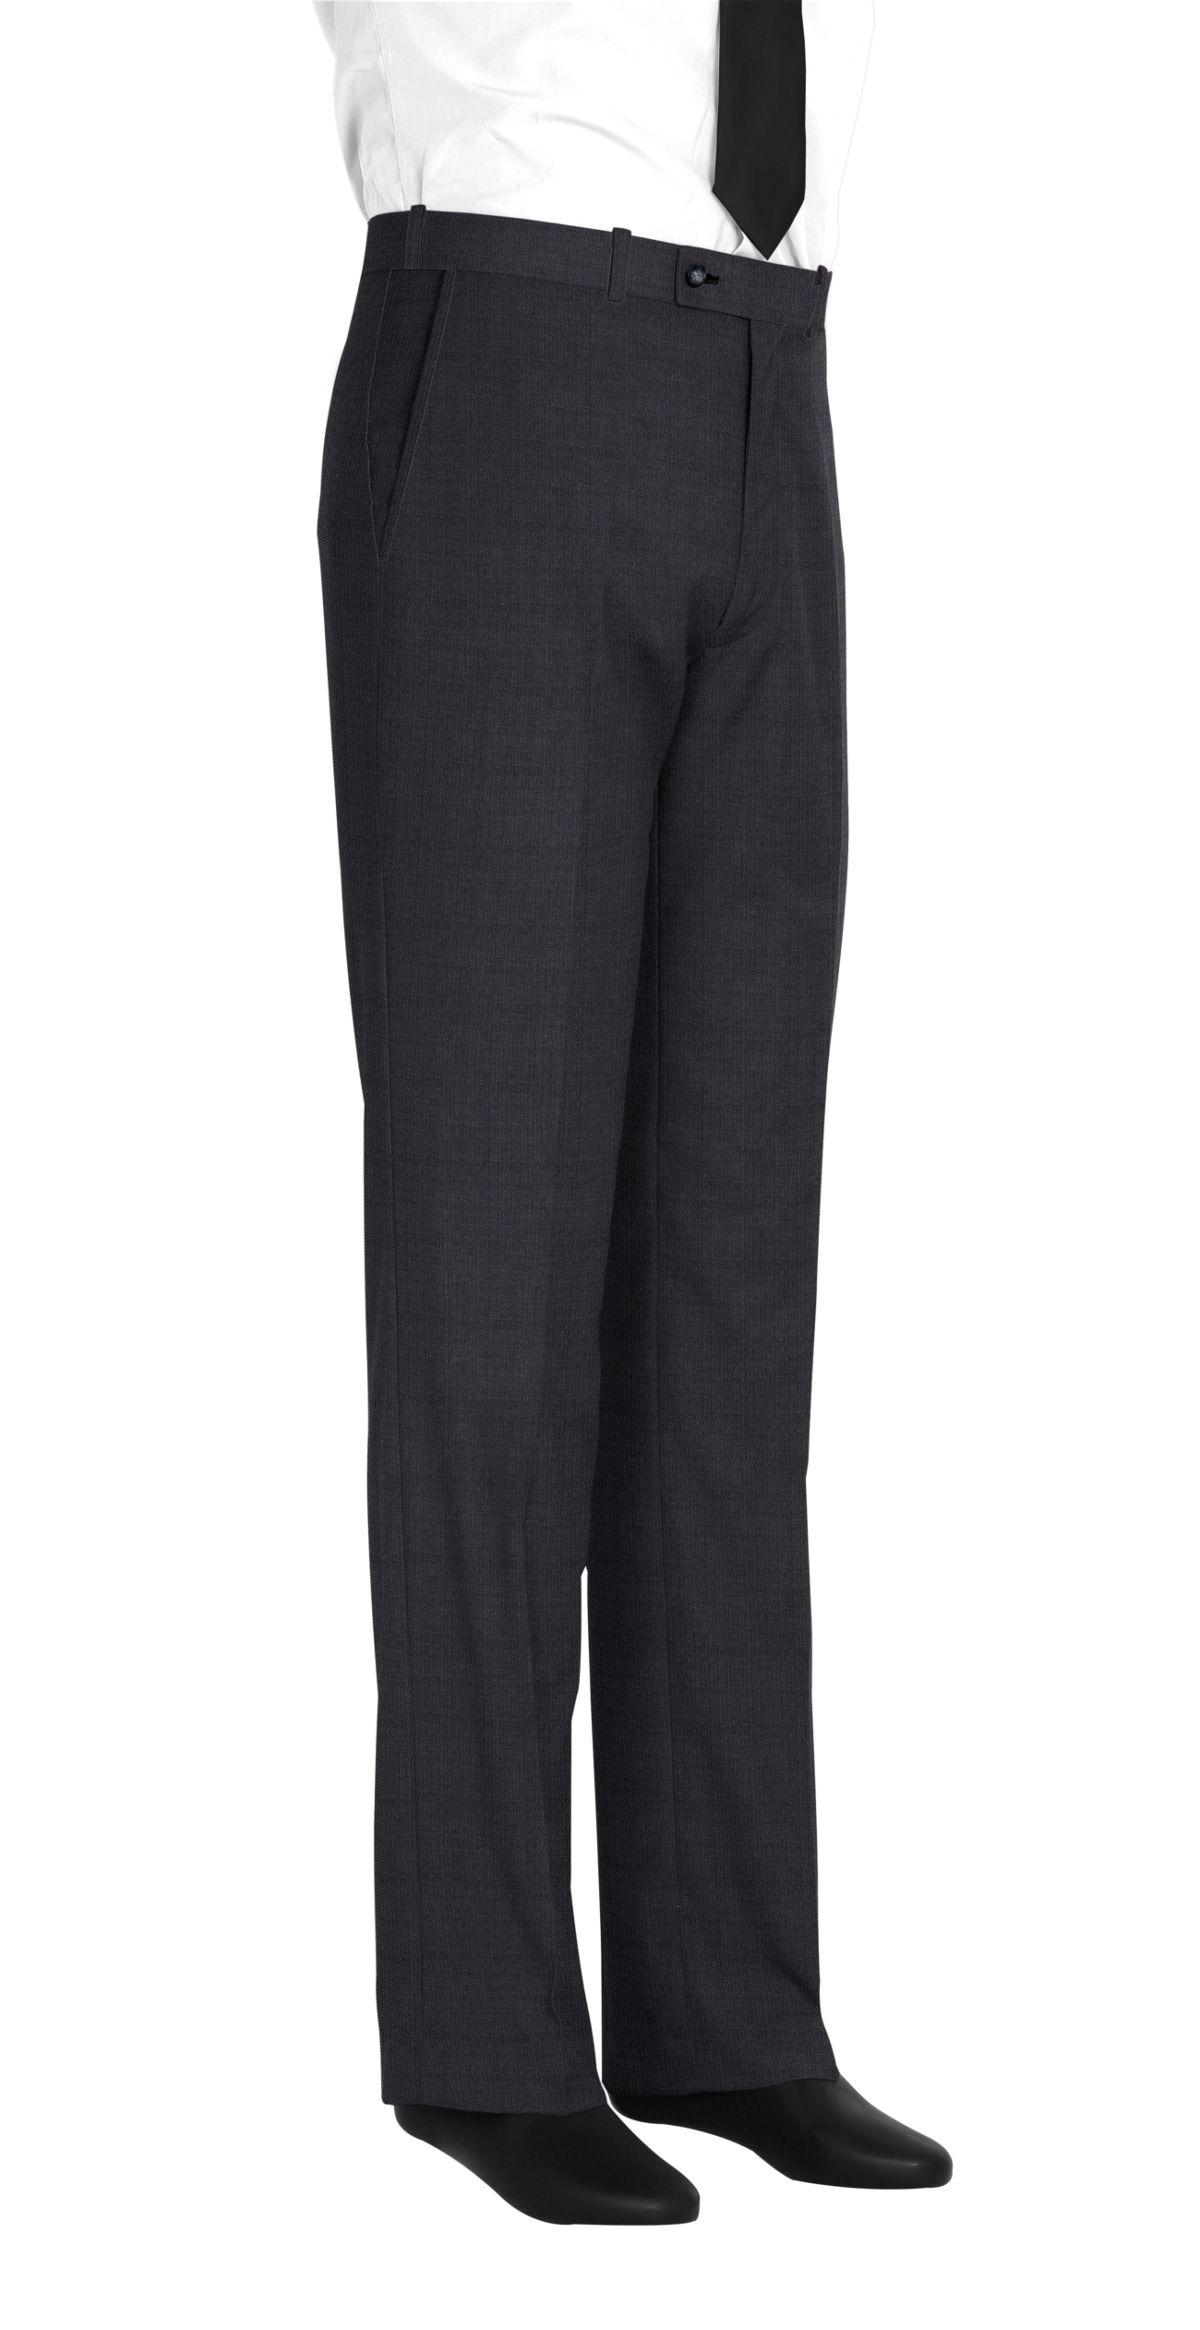 Pantalon homme sur mesure et personnalisé gris foncé uni  bas simple sans revers